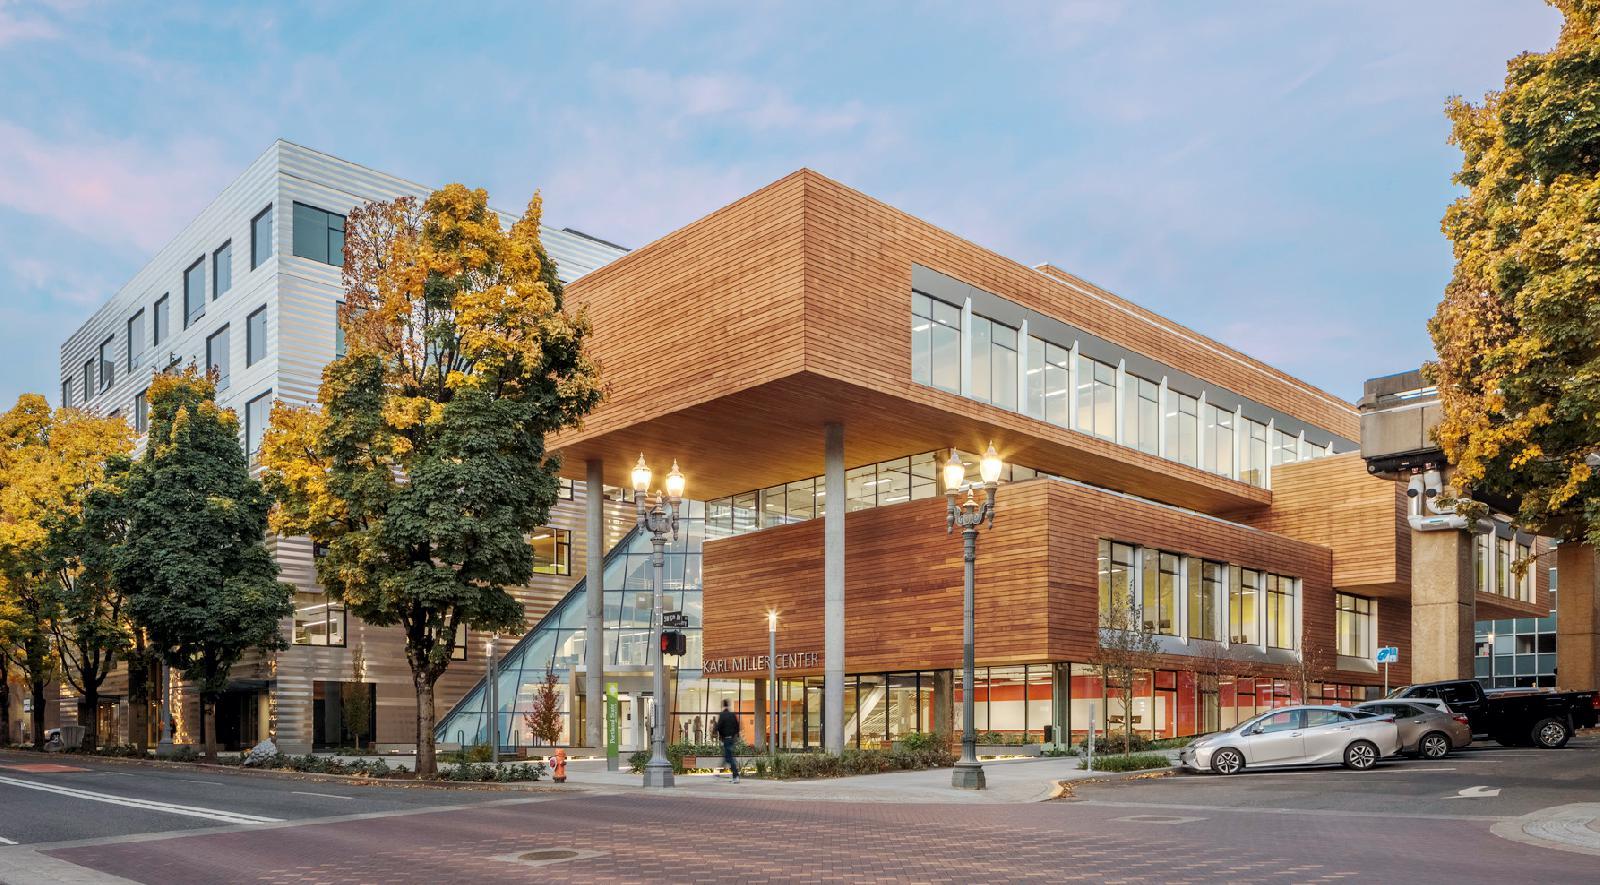 Karl Miller Center